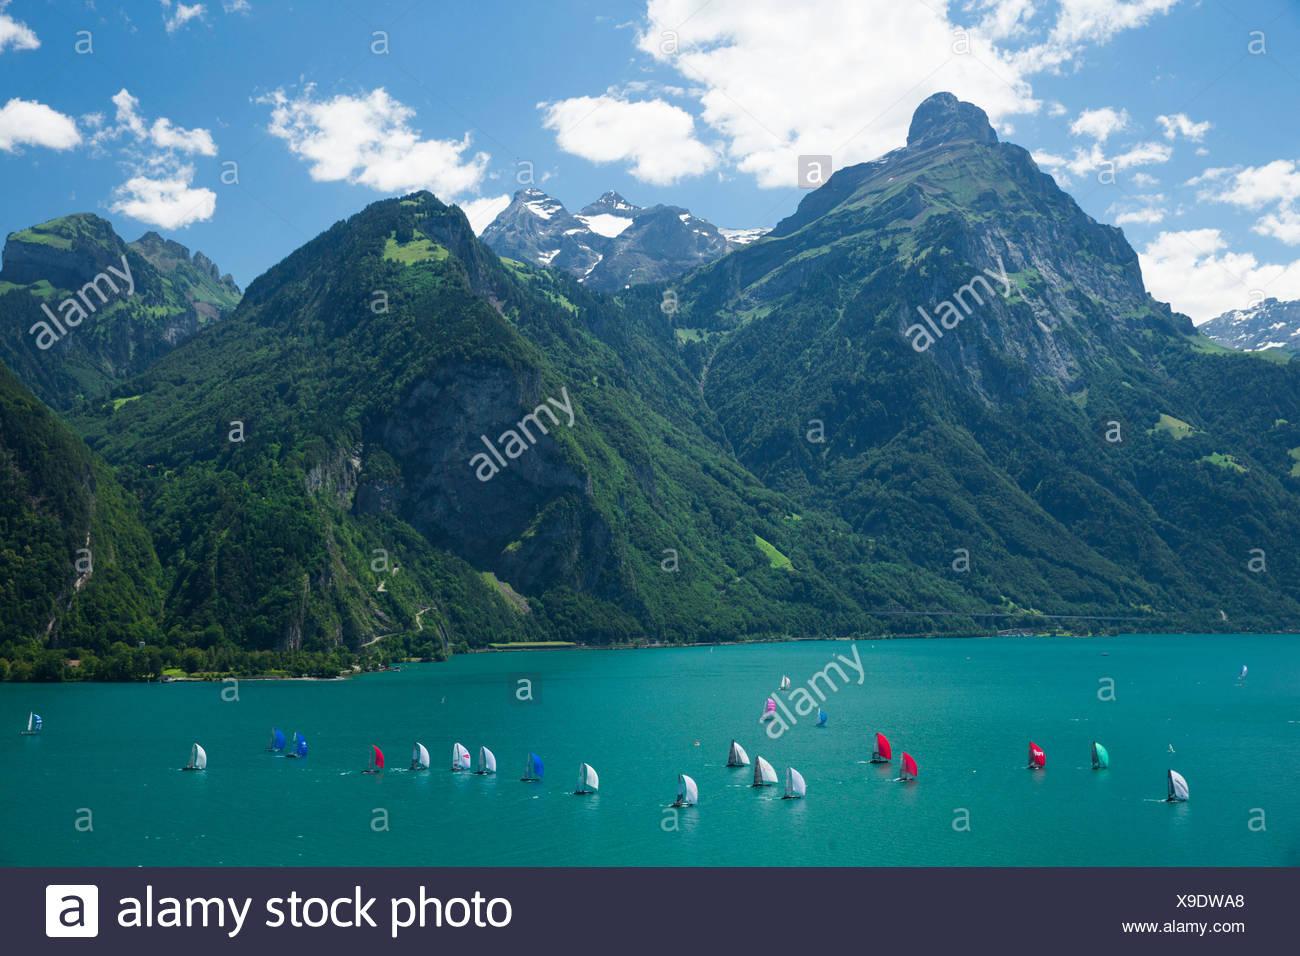 Le lac d'Uri, yachting, régate, Vierwaldstättersee, le lac de Lucerne, voile, voilier, de l'eau sport, Suisse, Europe, Photo Stock